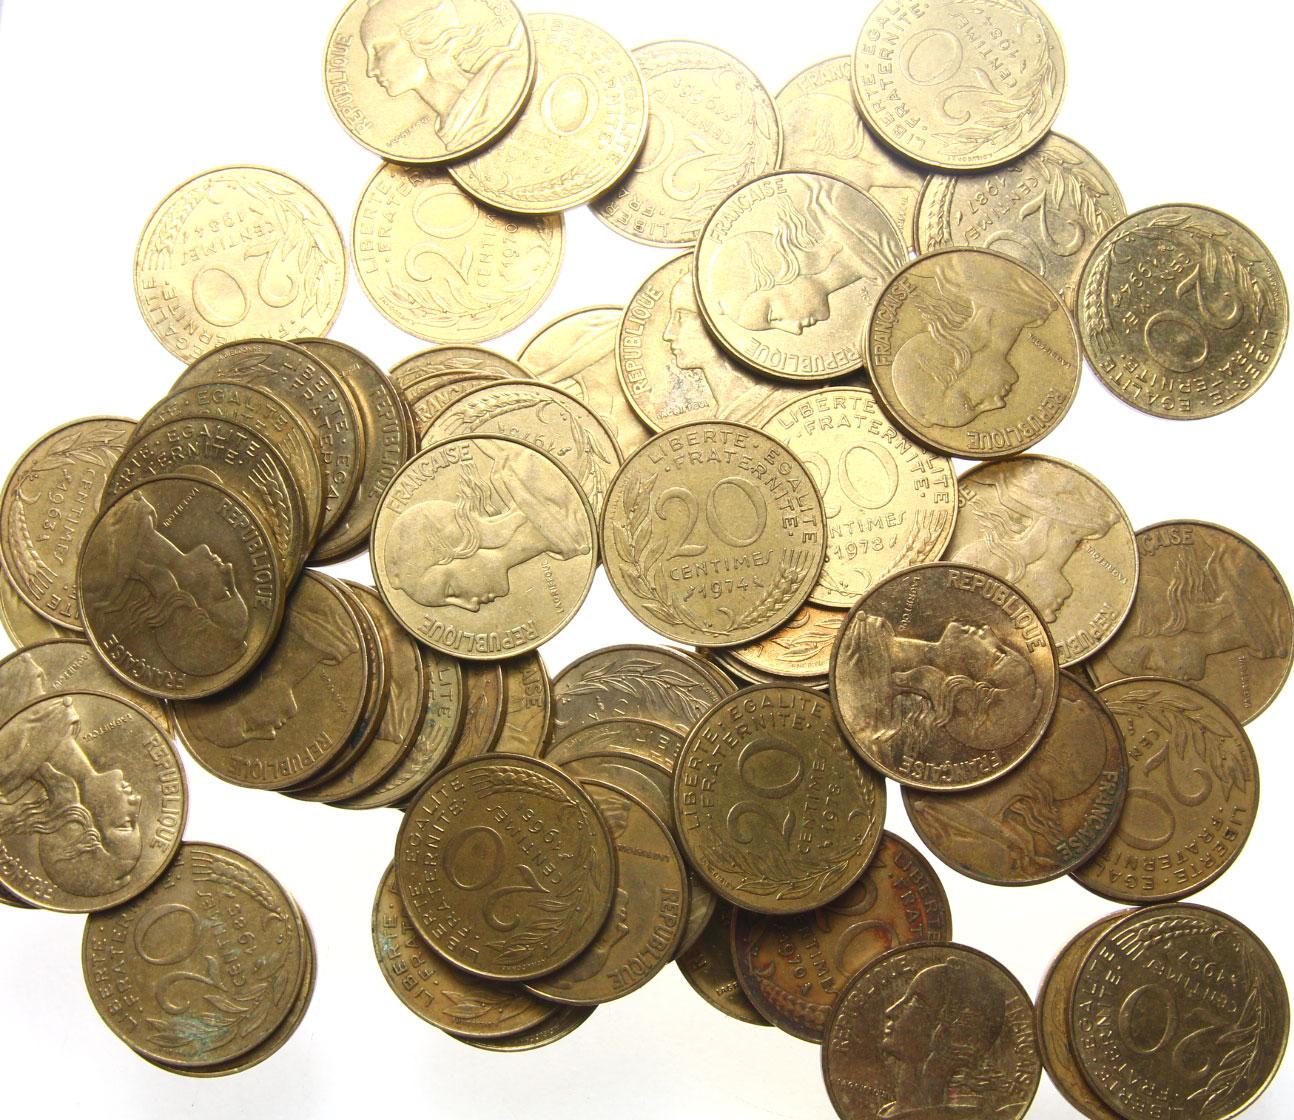 Francúzsko 20 centov centov - balíky 100 ks.